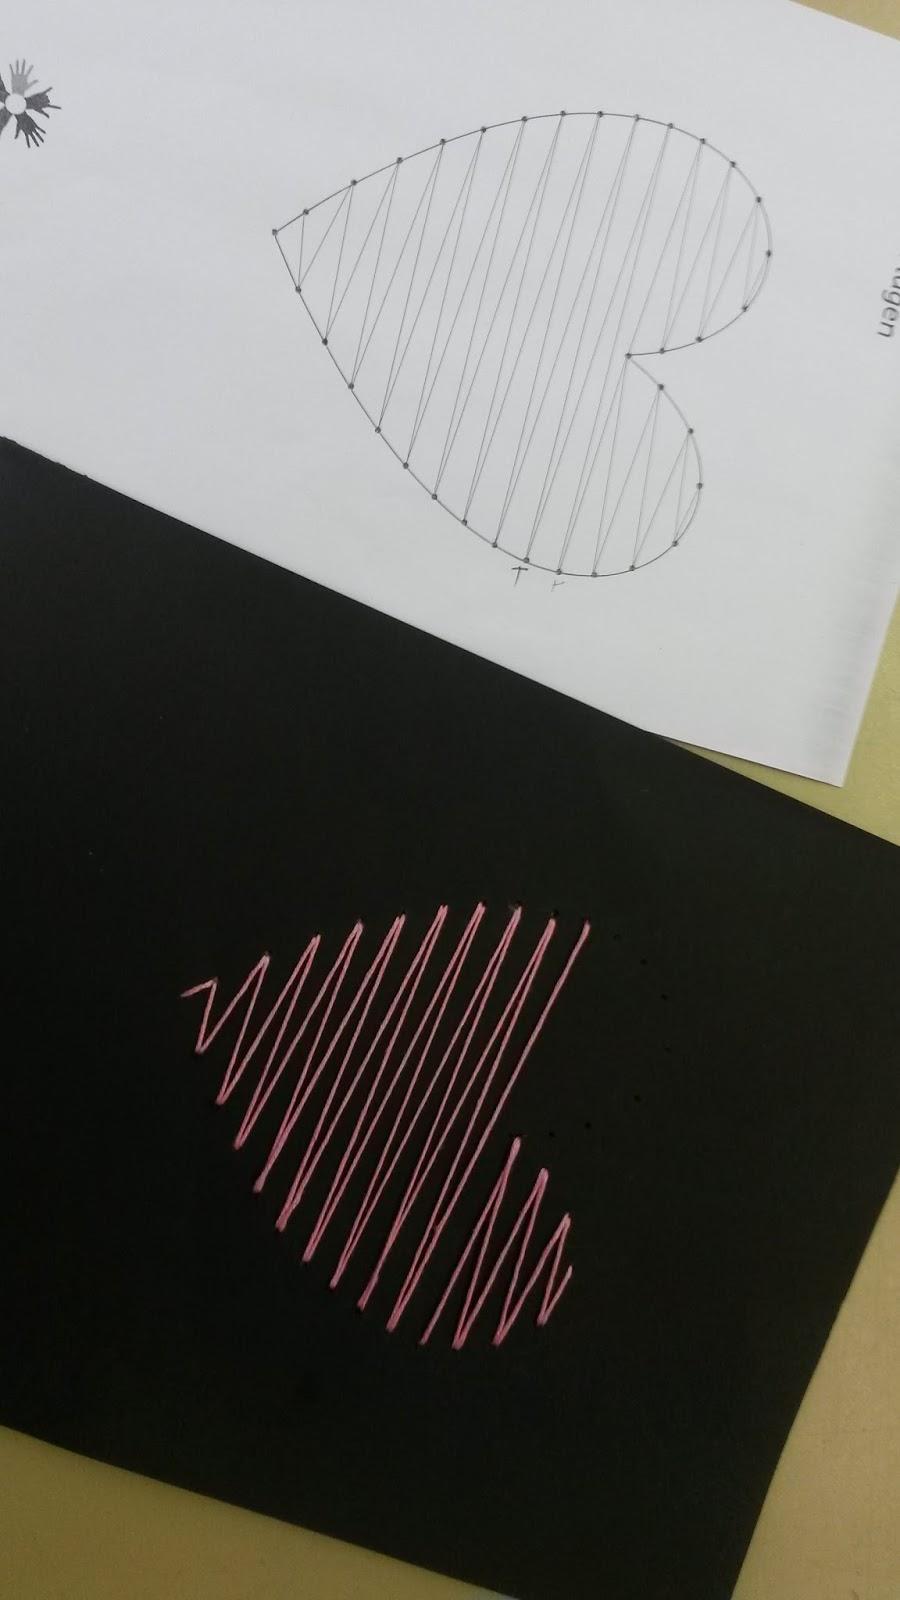 Hasenklasse geometrisches sticken fadengrafik for Sticken vorlagen kostenlos